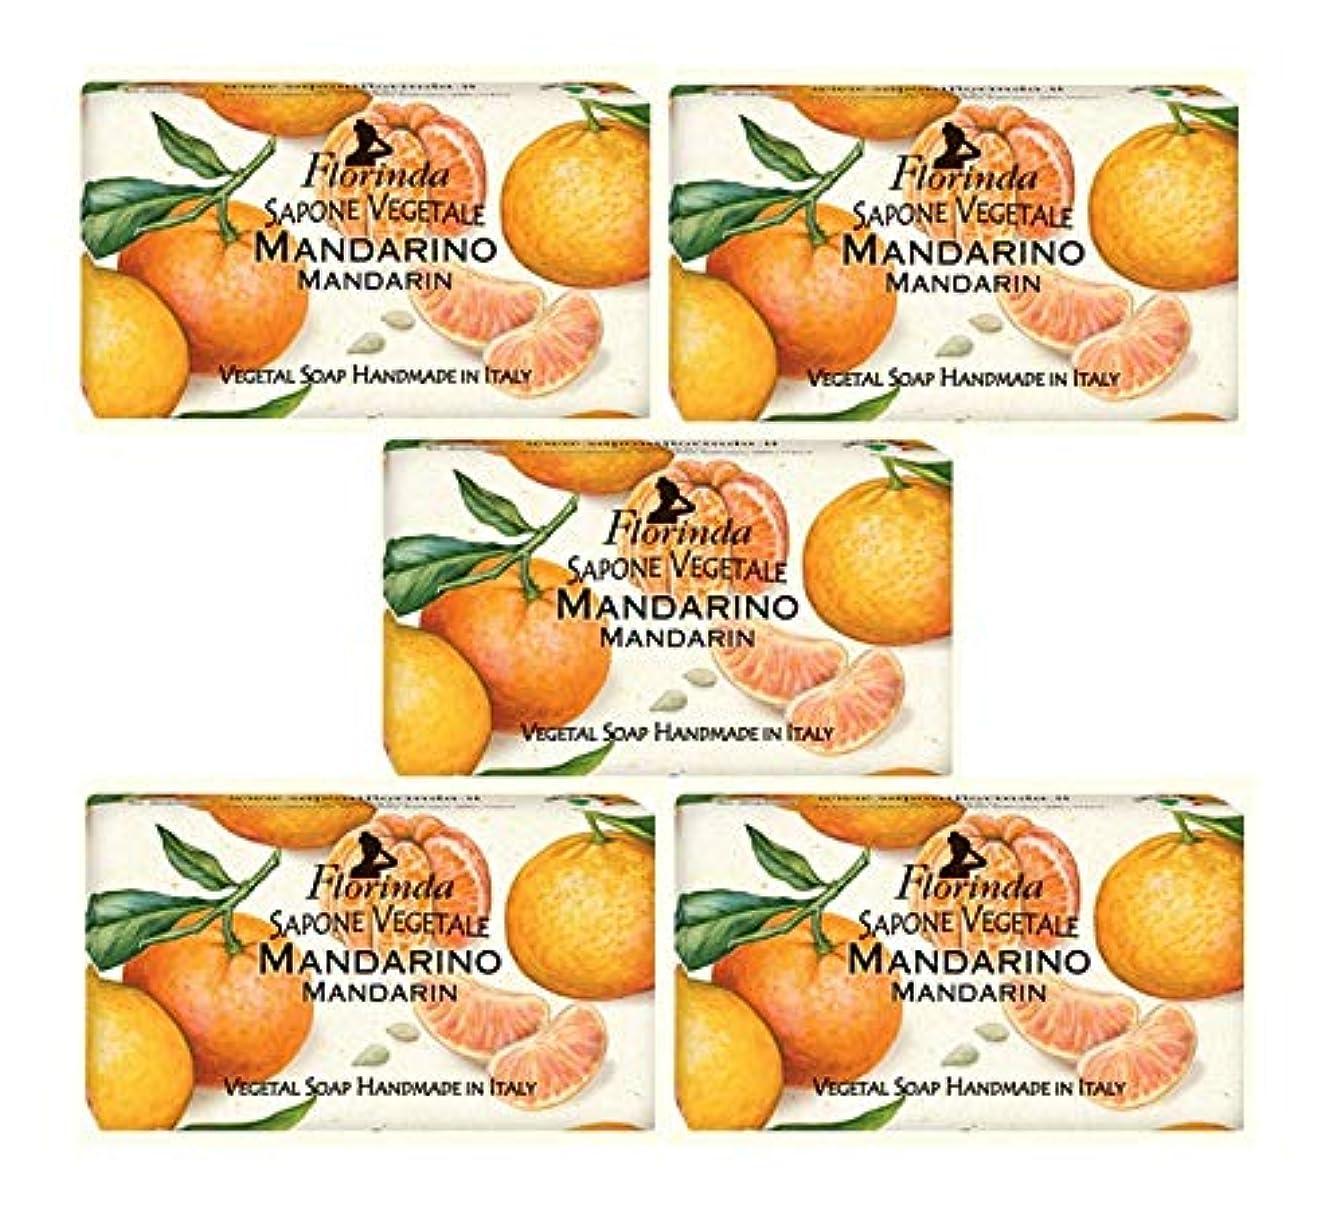 線形しかし失フロリンダ フレグランスソープ 固形石けん フルーツの香り マンダリン 95g×5個セット